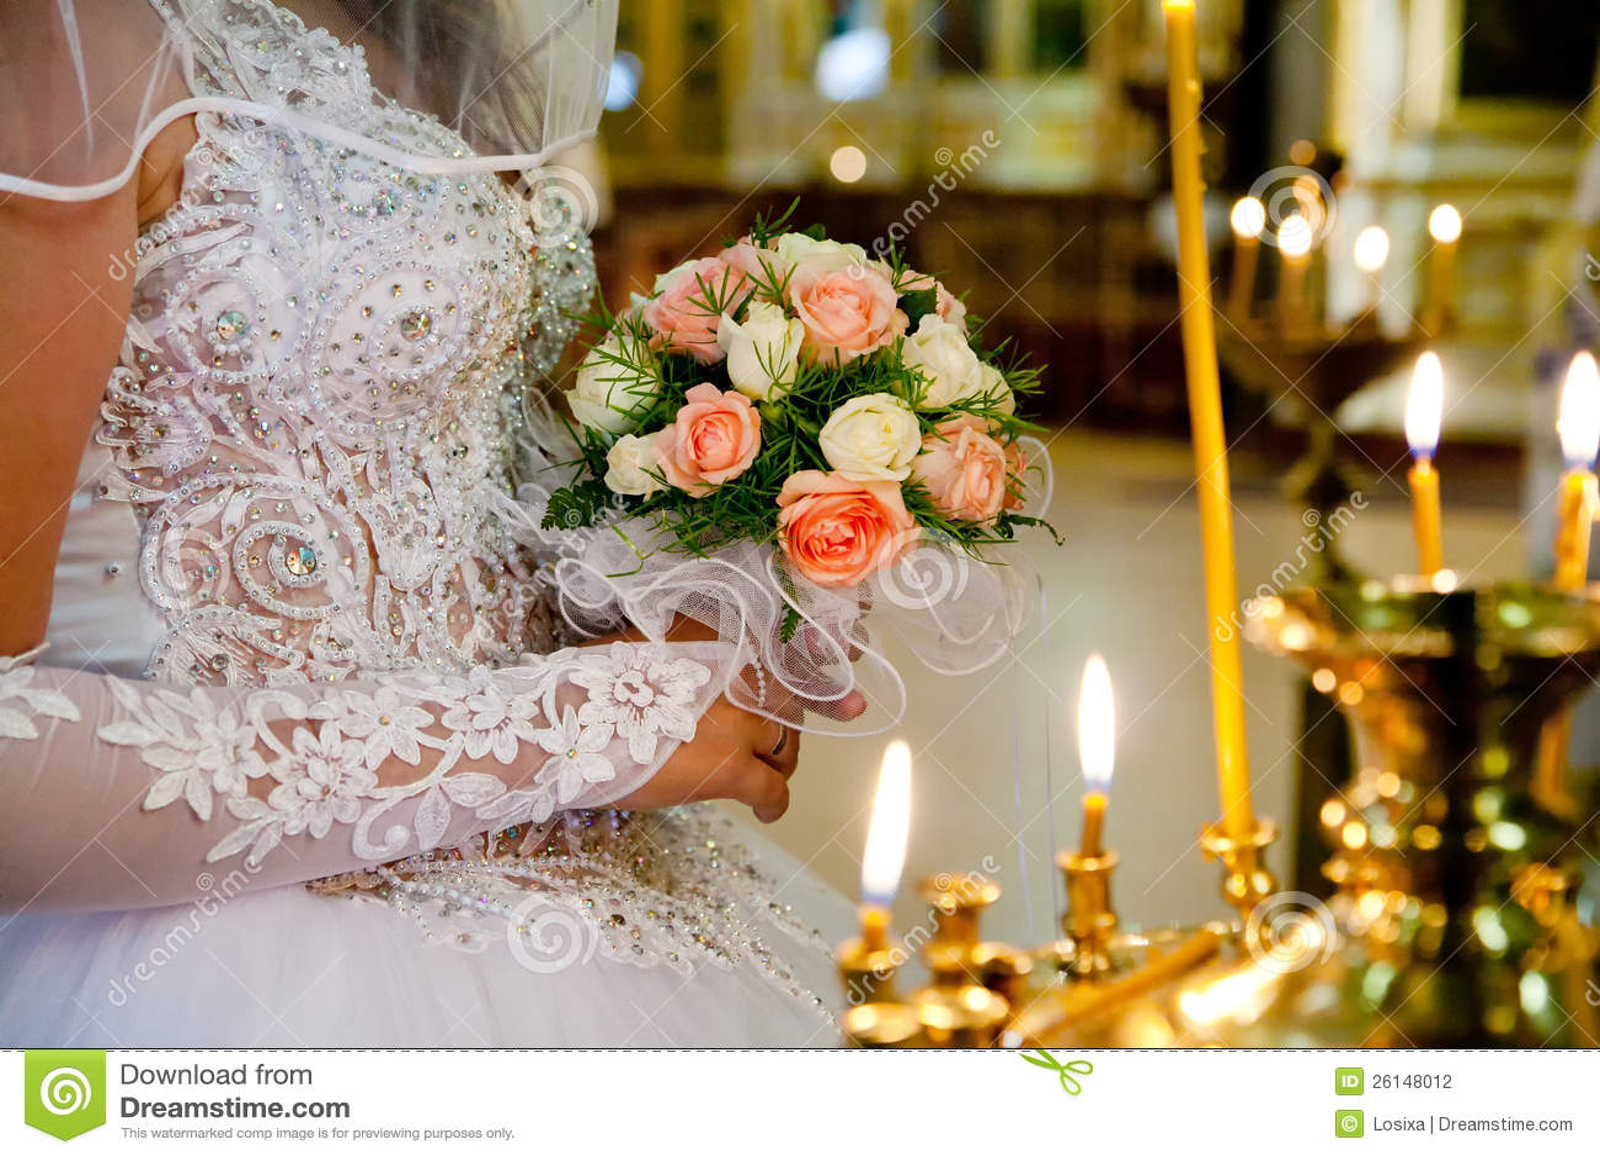 婚礼仪式的新娘 图库摄影图片